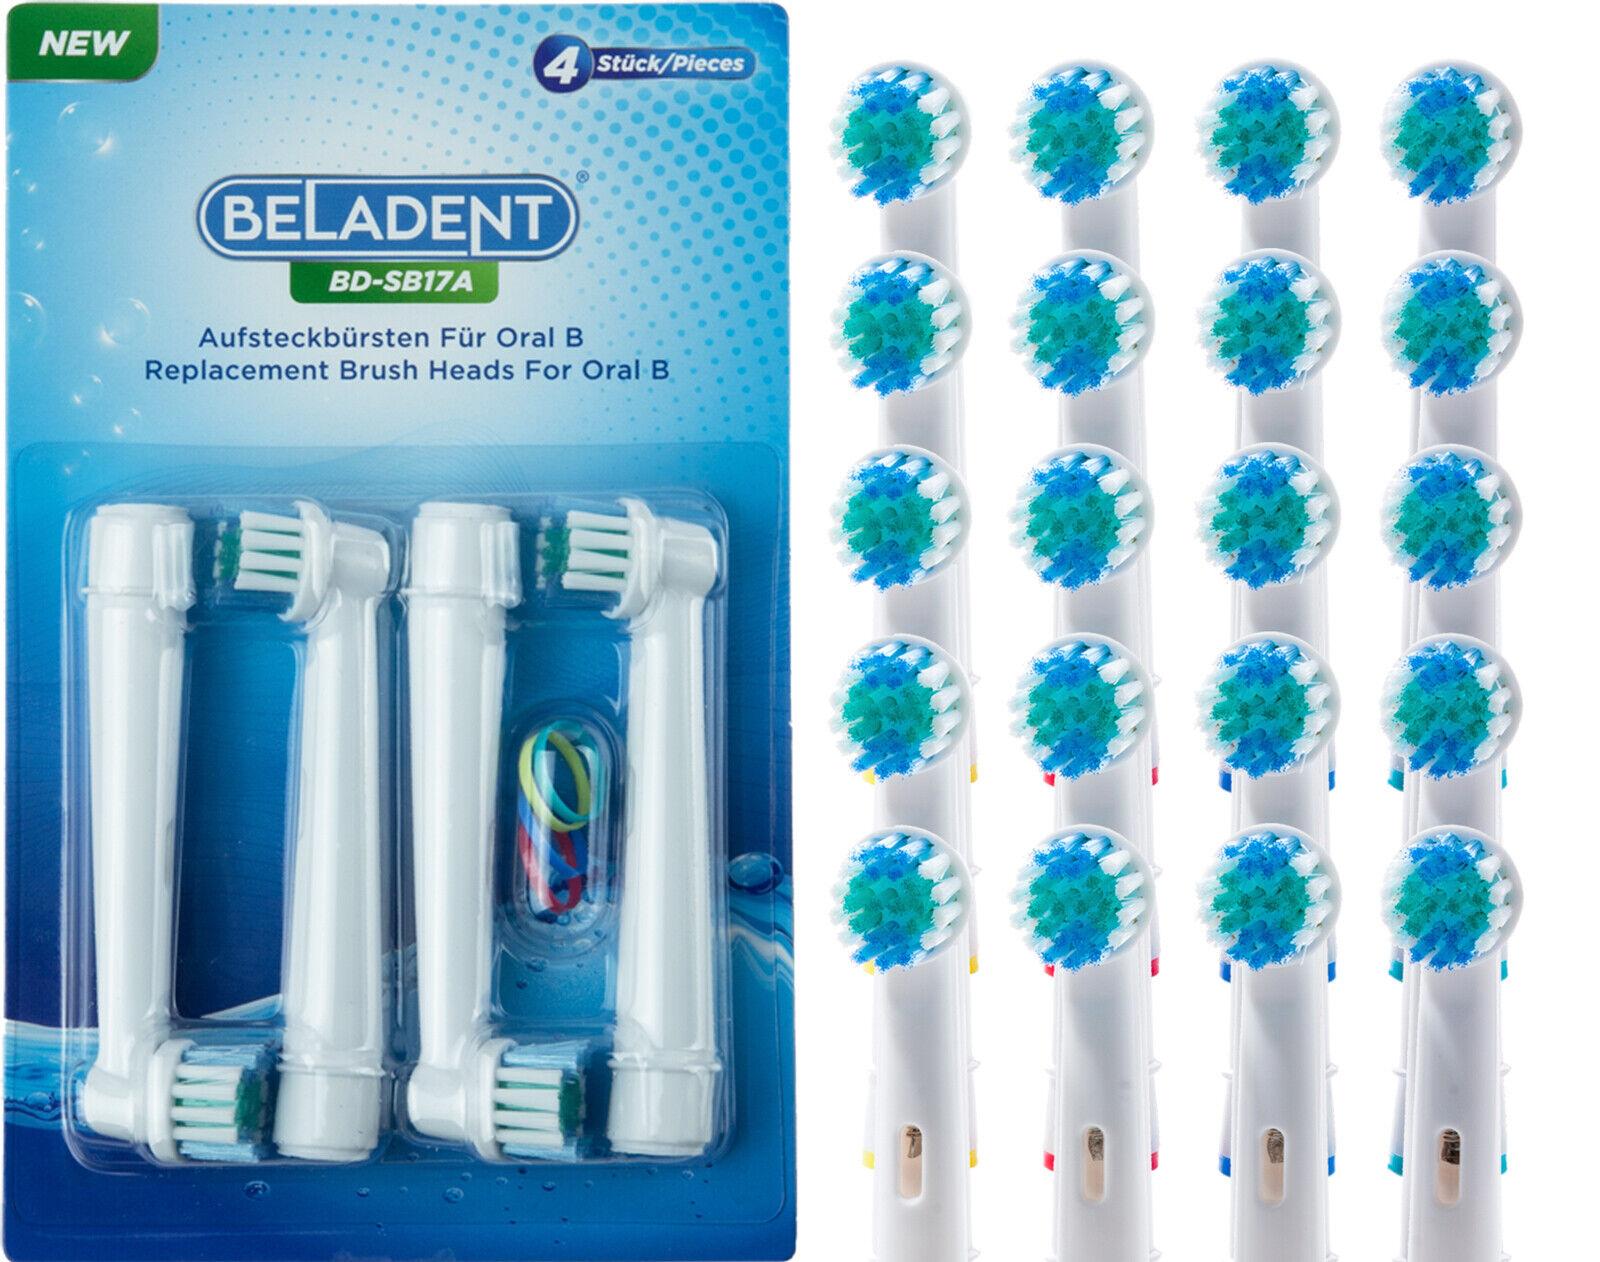 20 x BELADENT Aufsteckbürsten passend für Oral-B Aufsätze Precision Clean